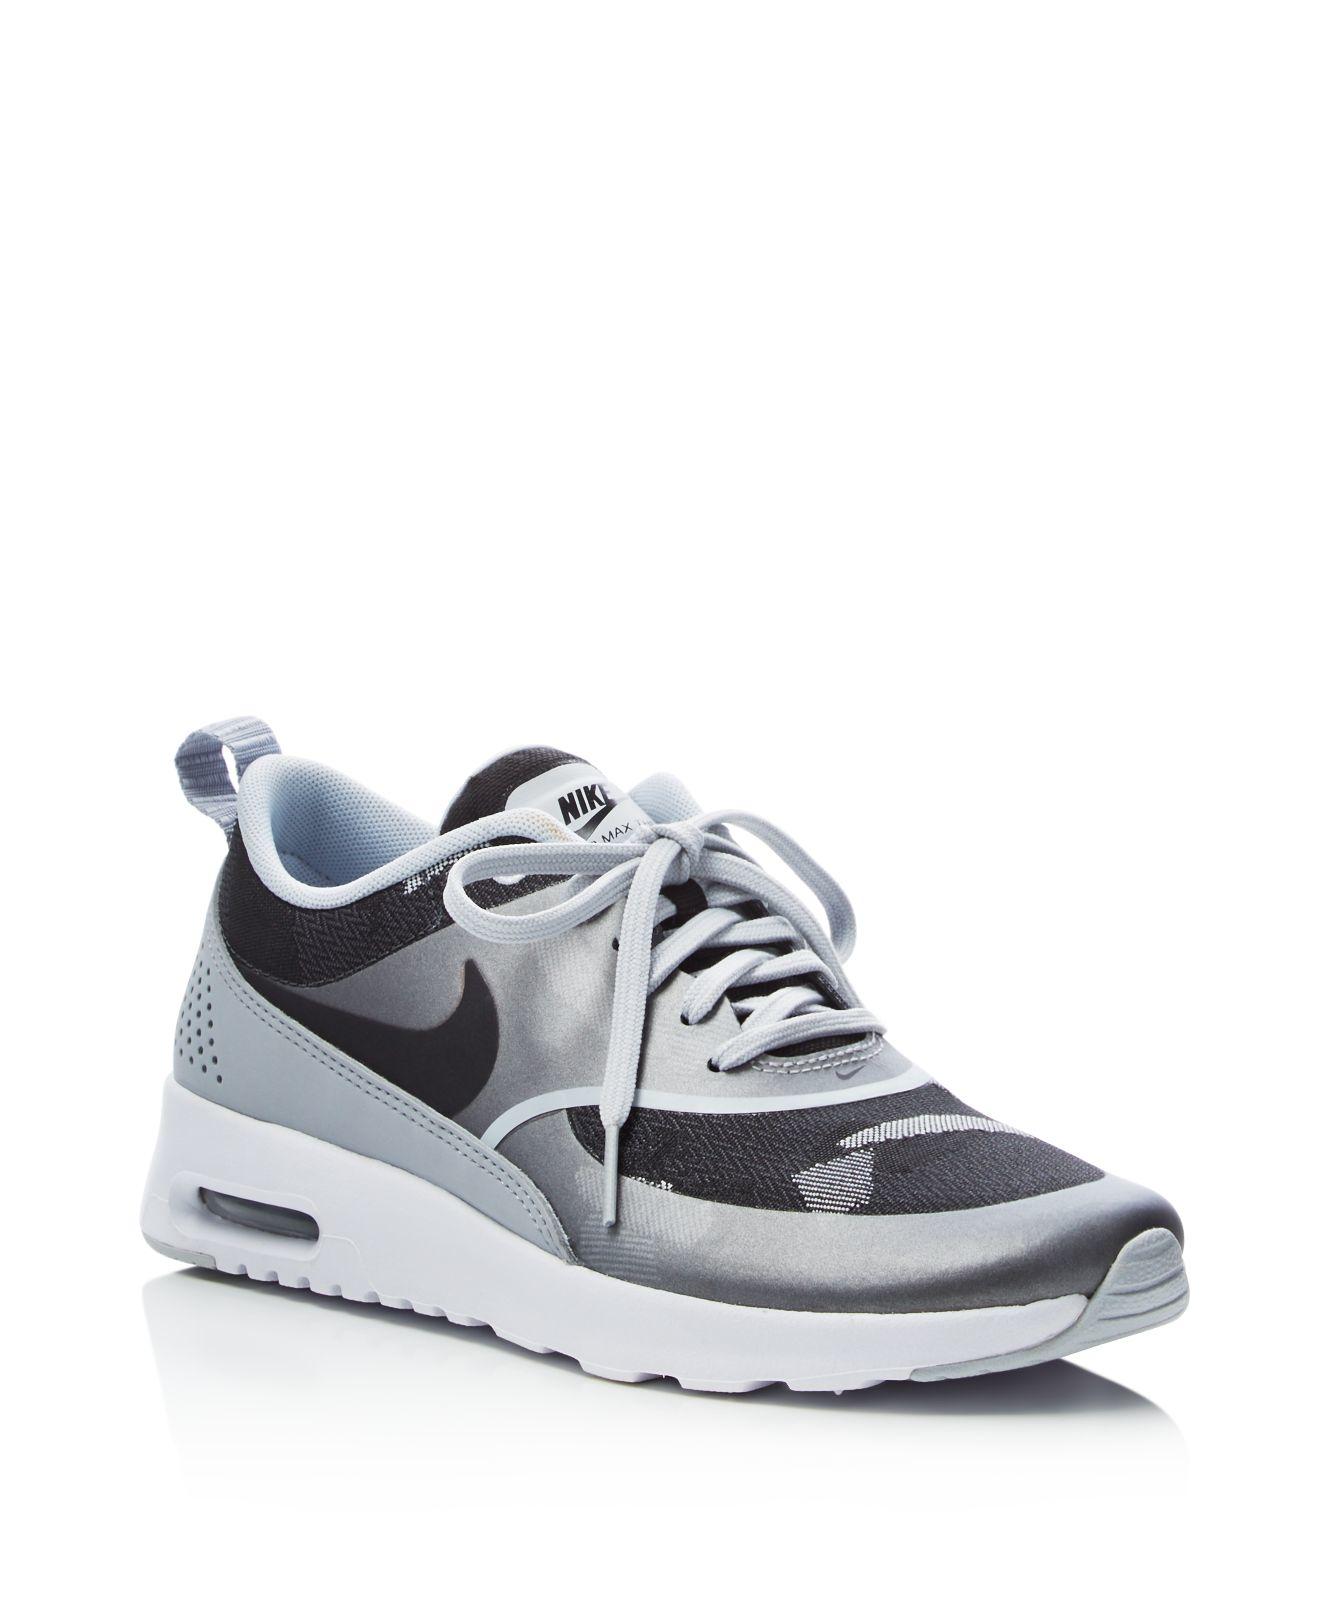 46cc85a14569 Air Max Thea Jacquard Sneakers. nike air max thea premium jacquard ...